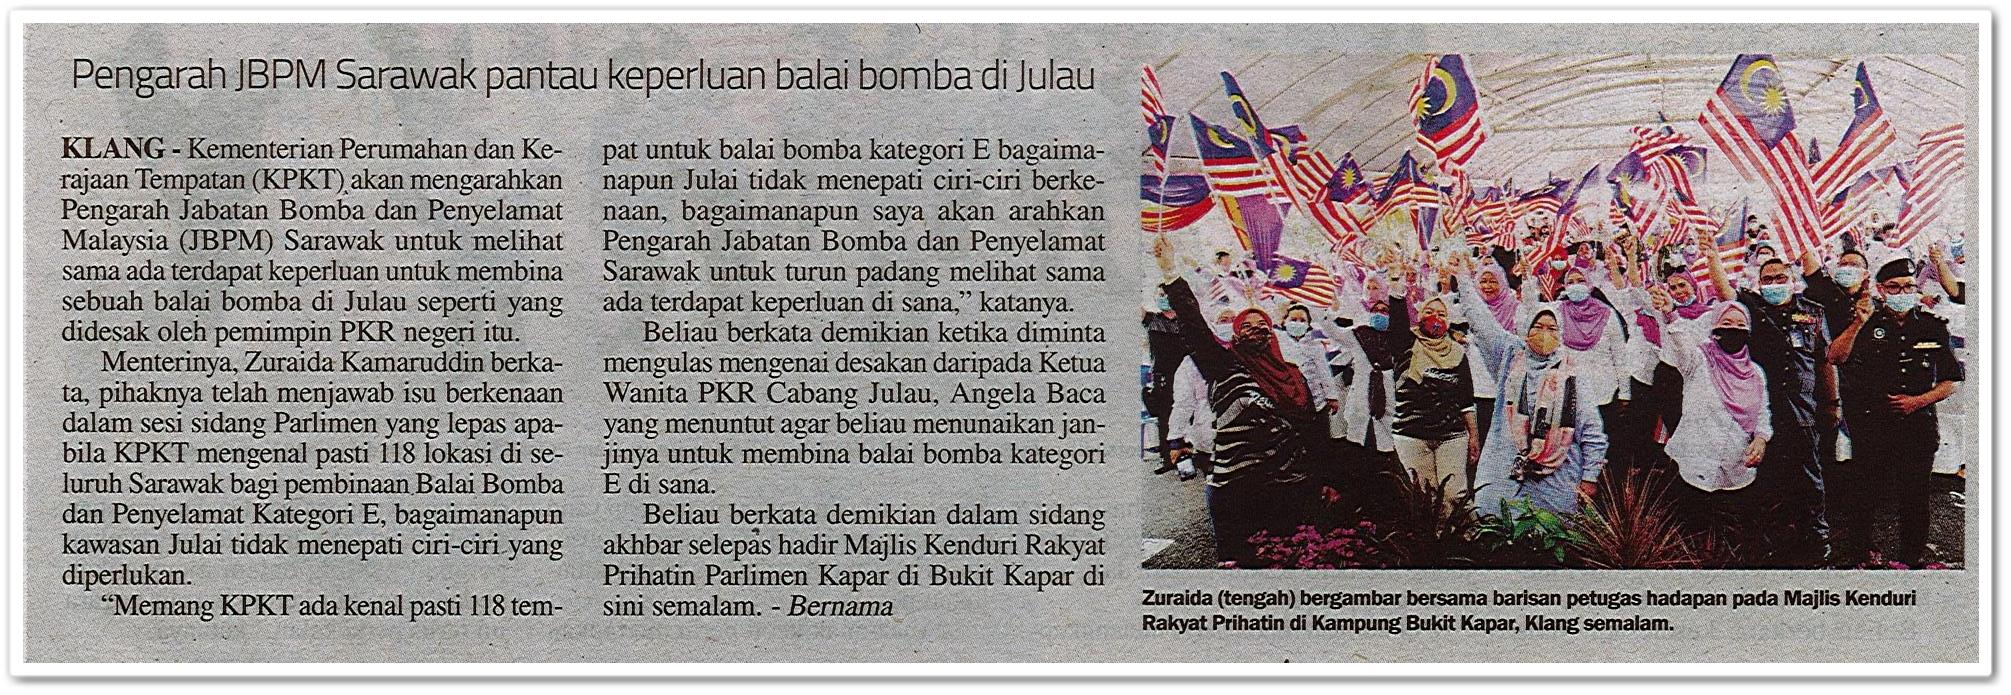 Pengarah JBPM Sarawak pantau keperluan balai bomba di Julau - Keratan akhbar Sinar Harian 21 Ogos 2020